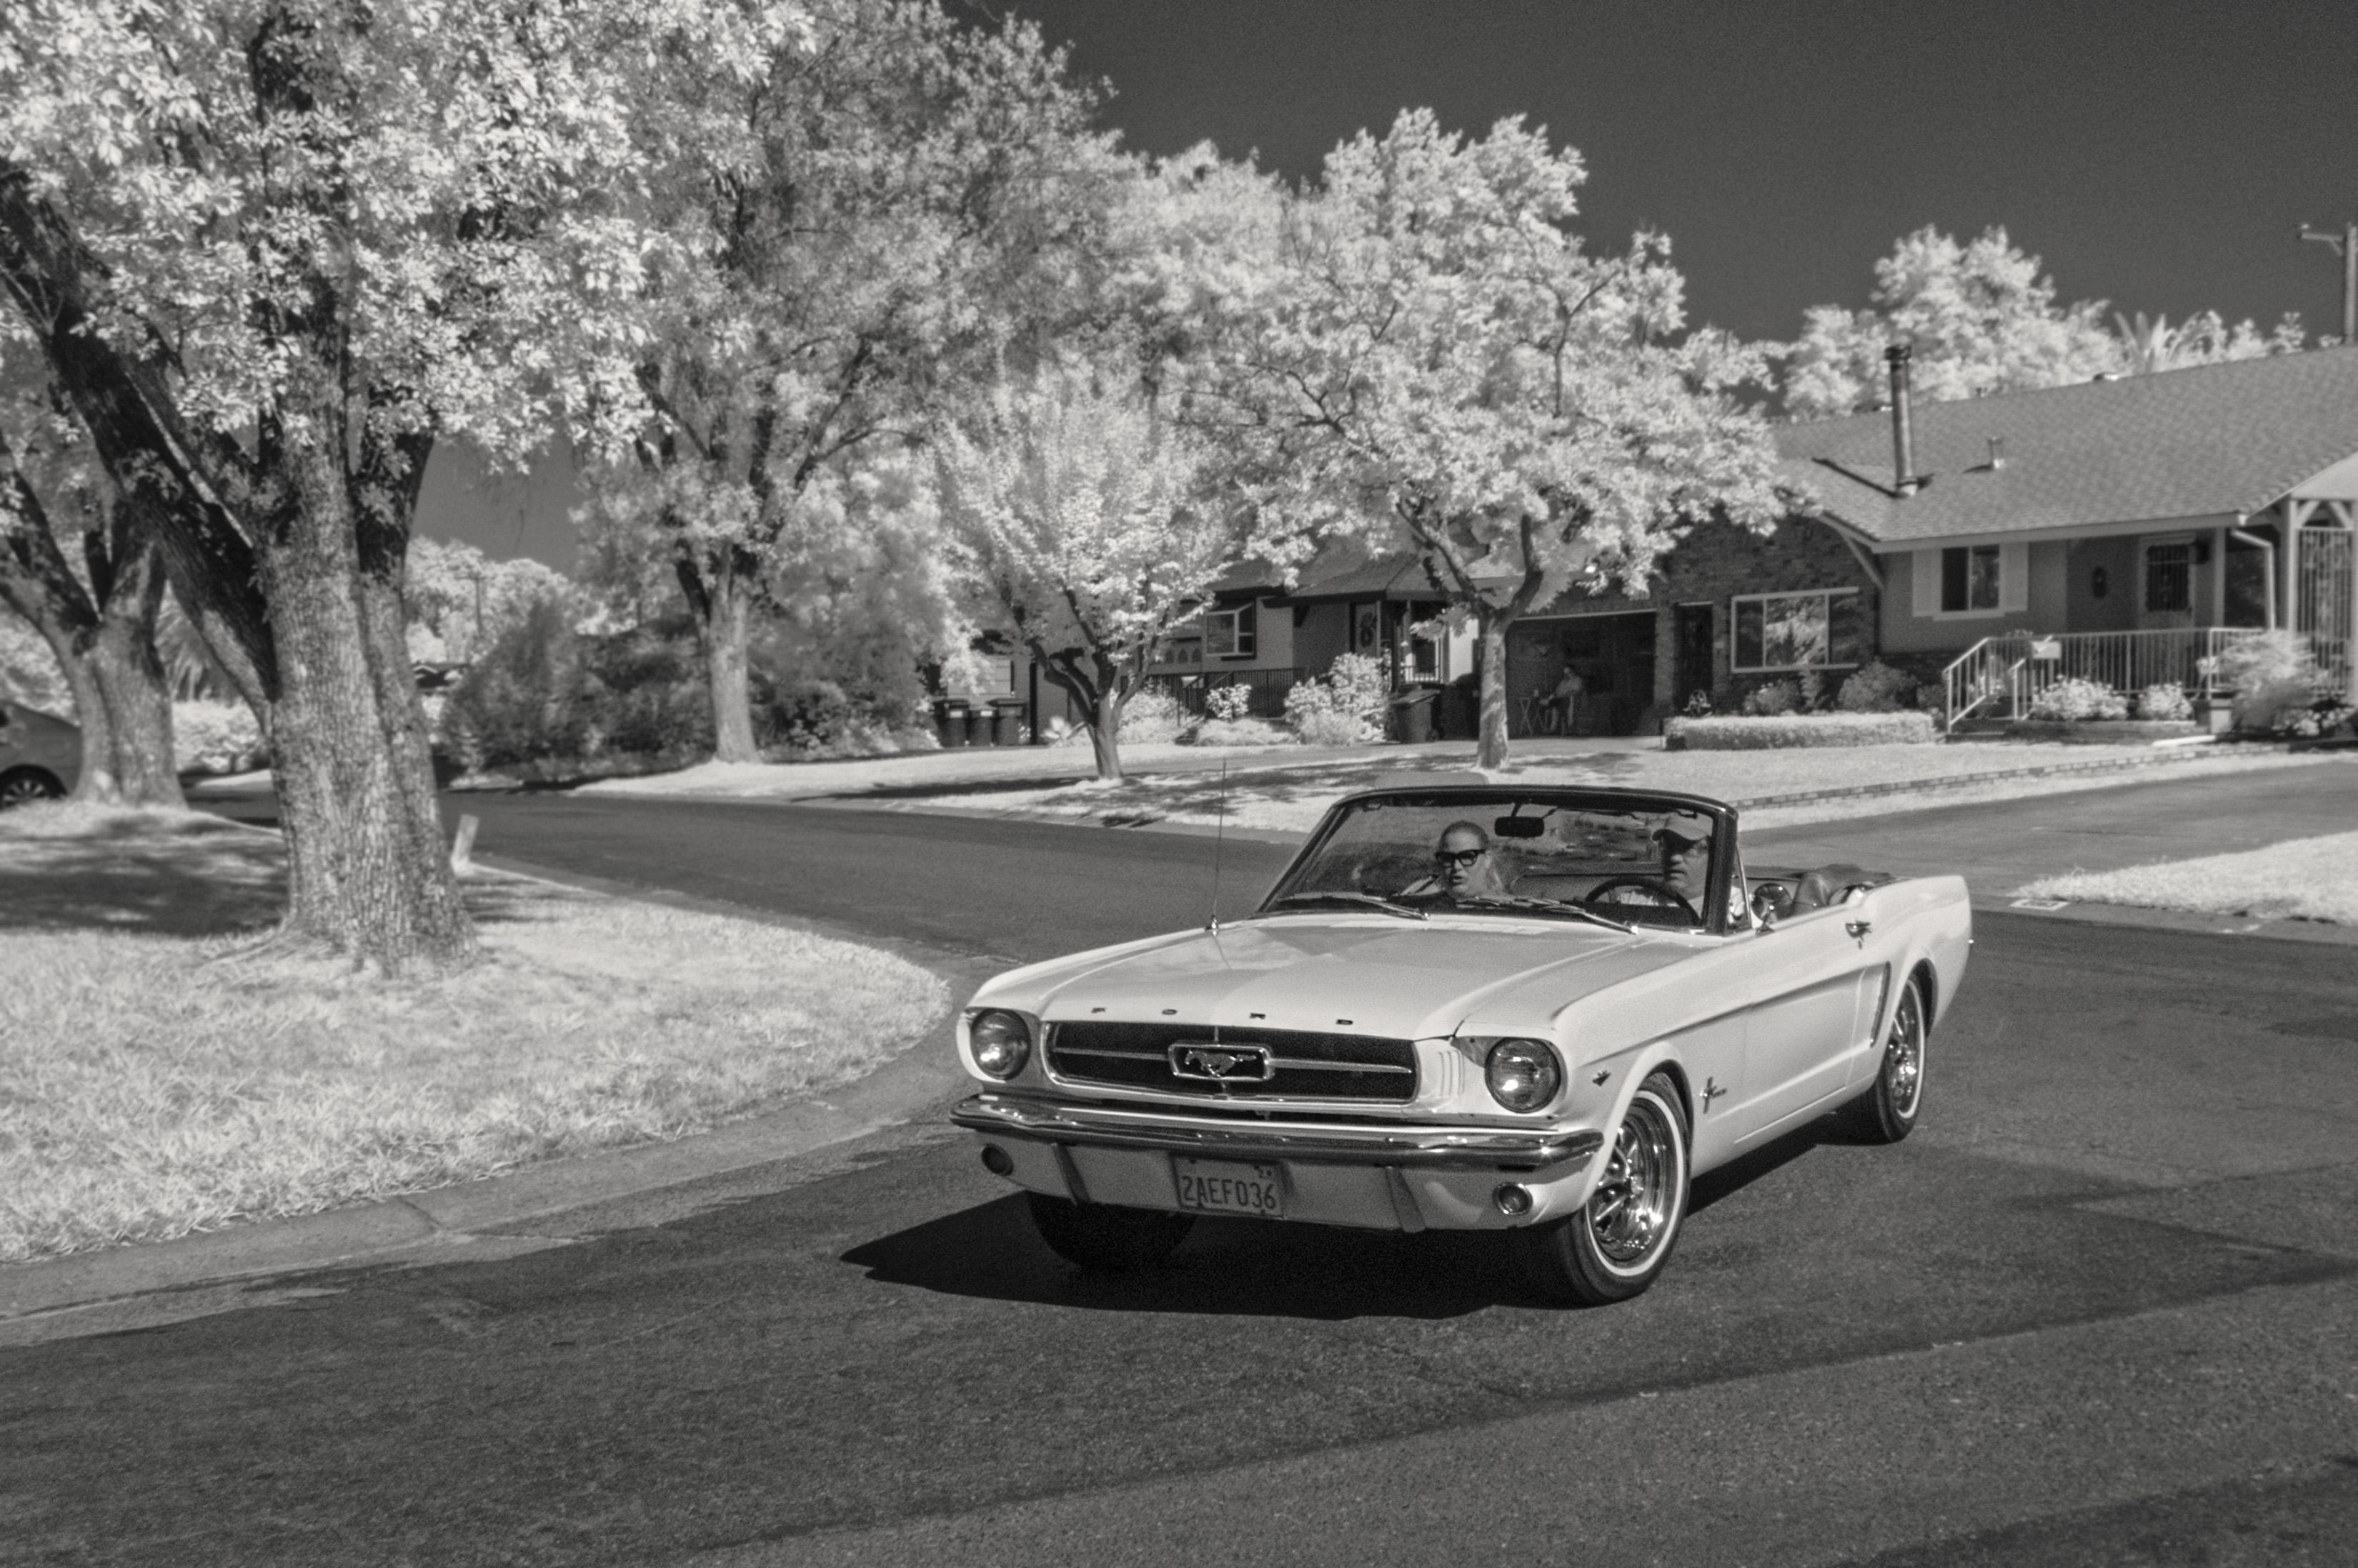 Free black and white wheel suburban vintage car mustang